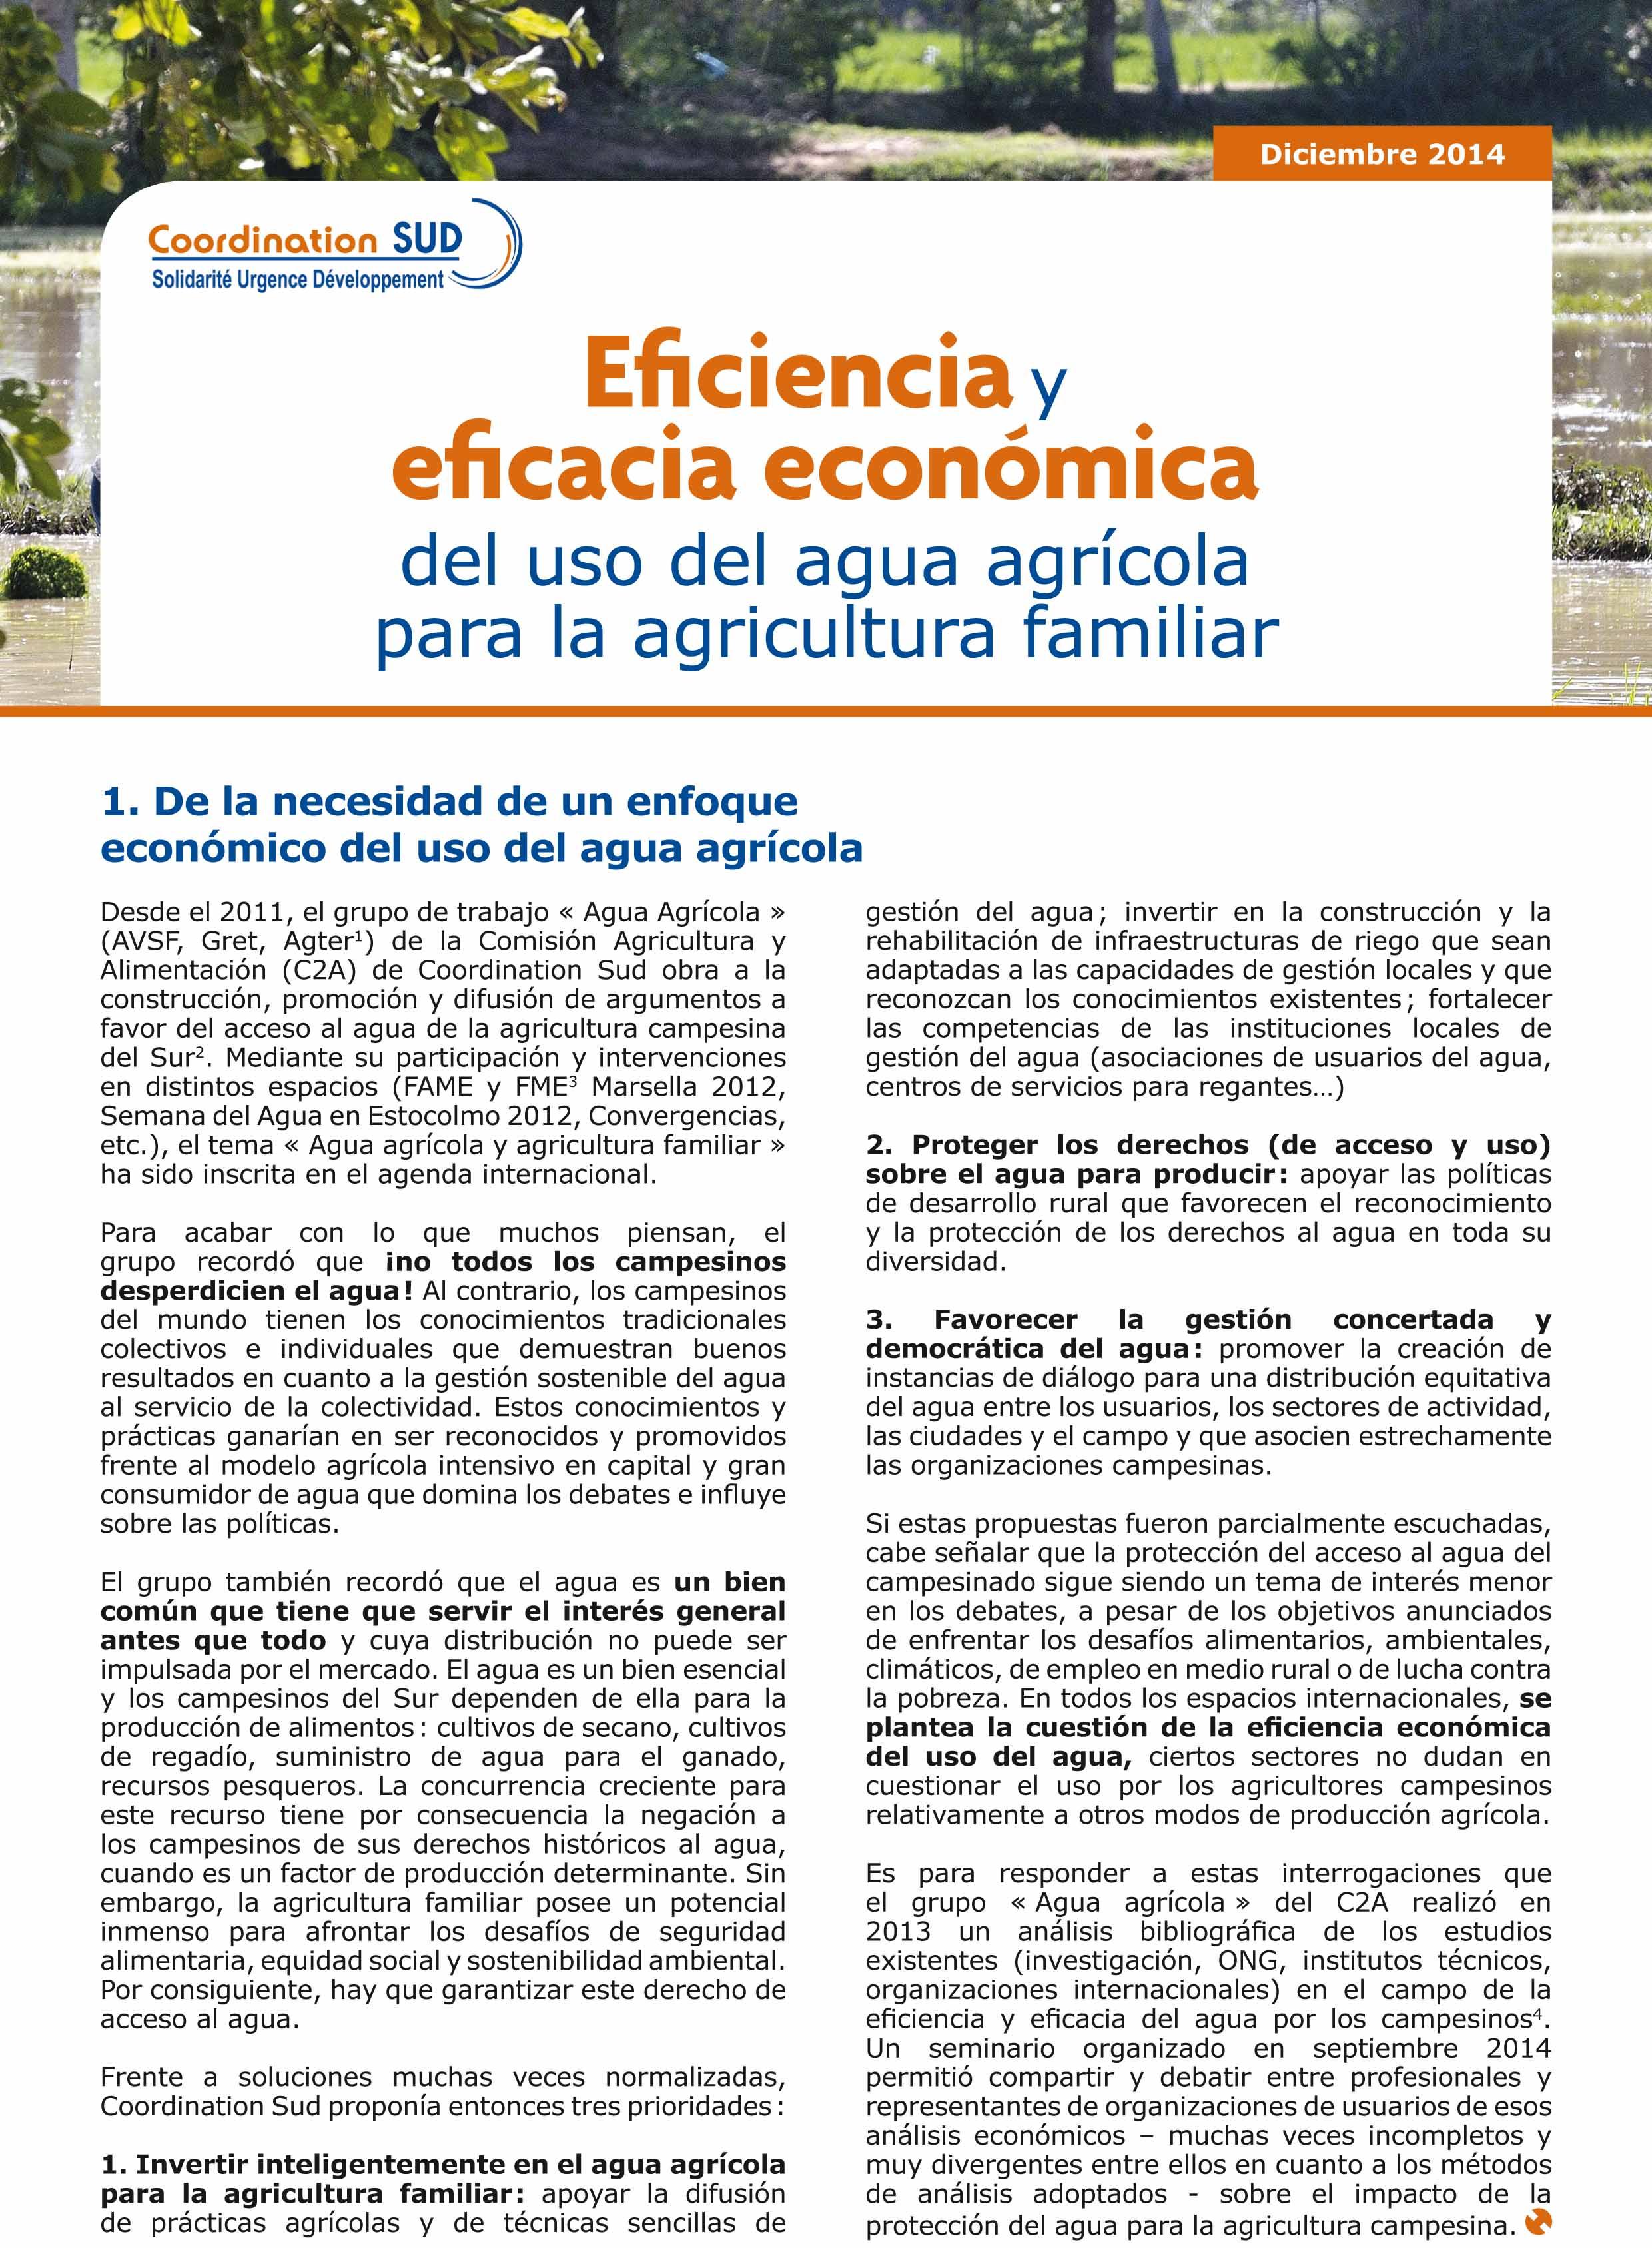 Eficiencia y eficacia económica del uso del agua agrícola para la agricultura familiar Image principale